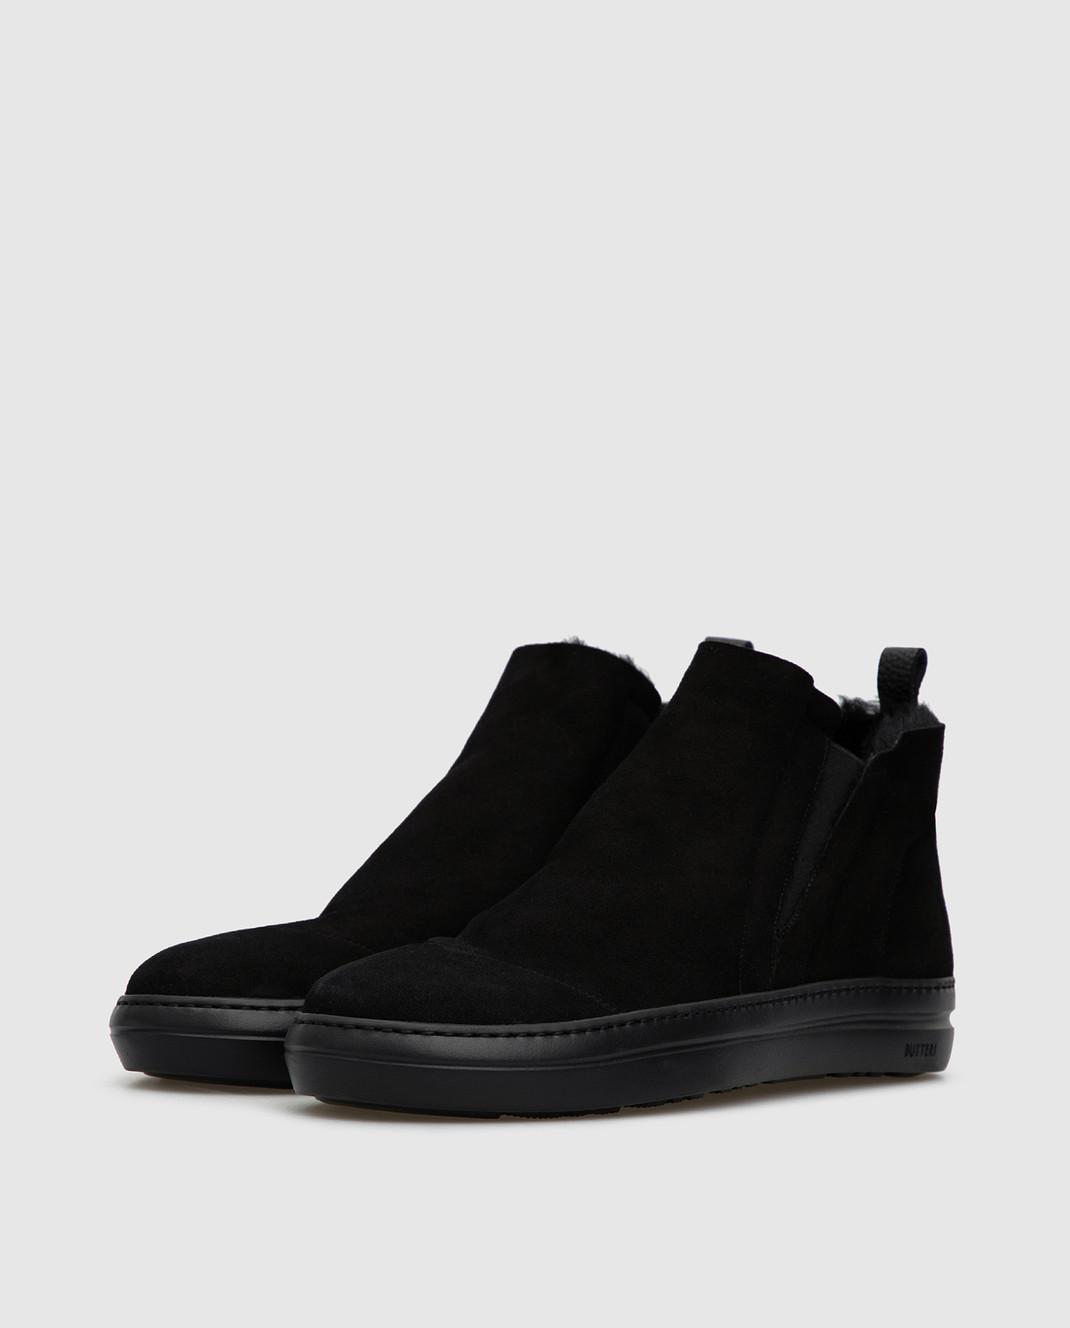 Gianfranco Butteri Черные замшевые ботинки на меху изображение 3